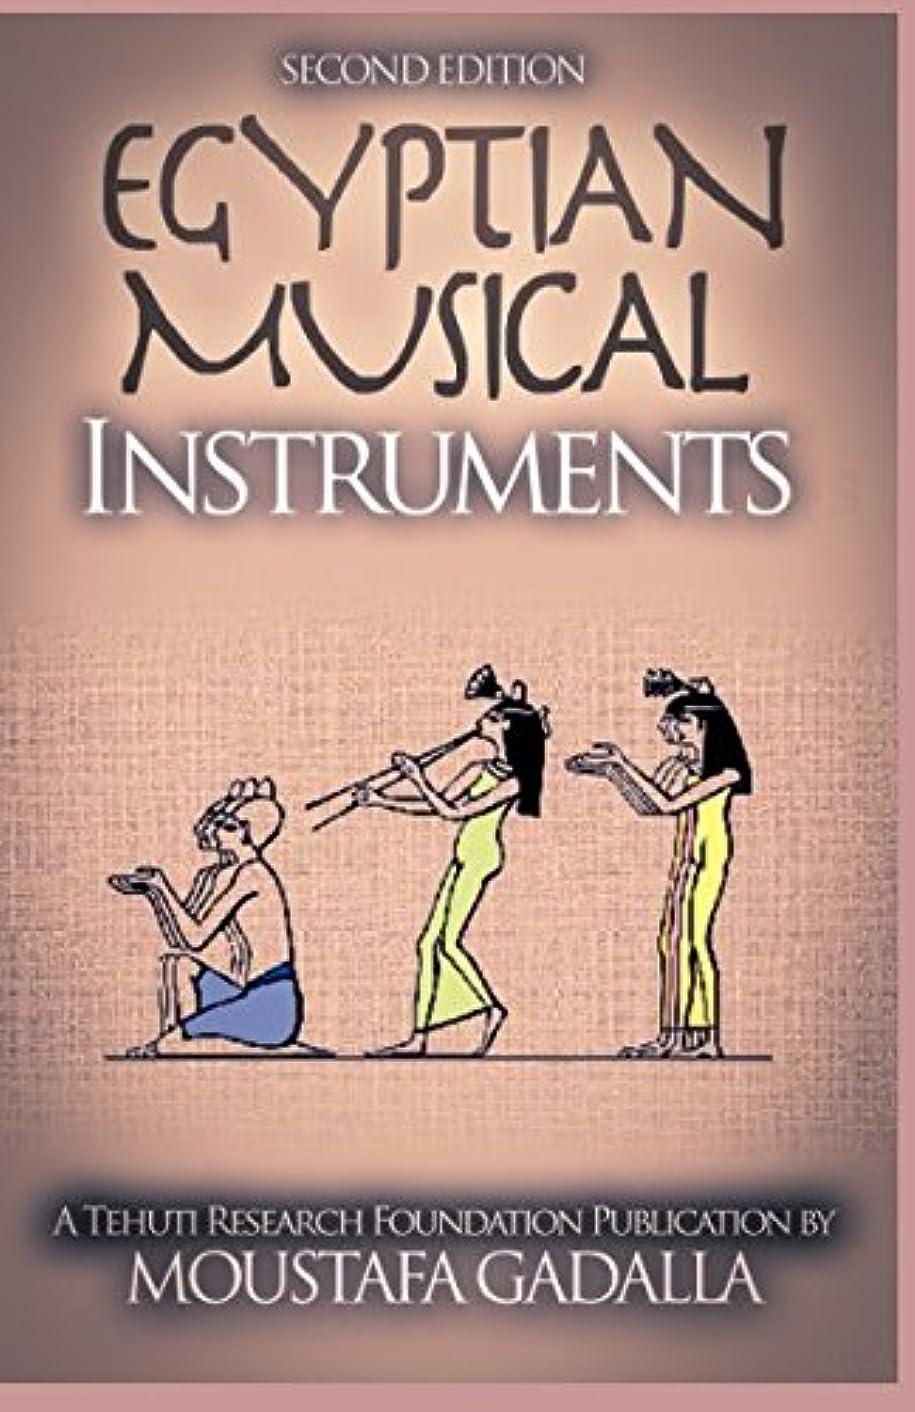 ステンレス出しますずるいEgyptian Musical Instruments